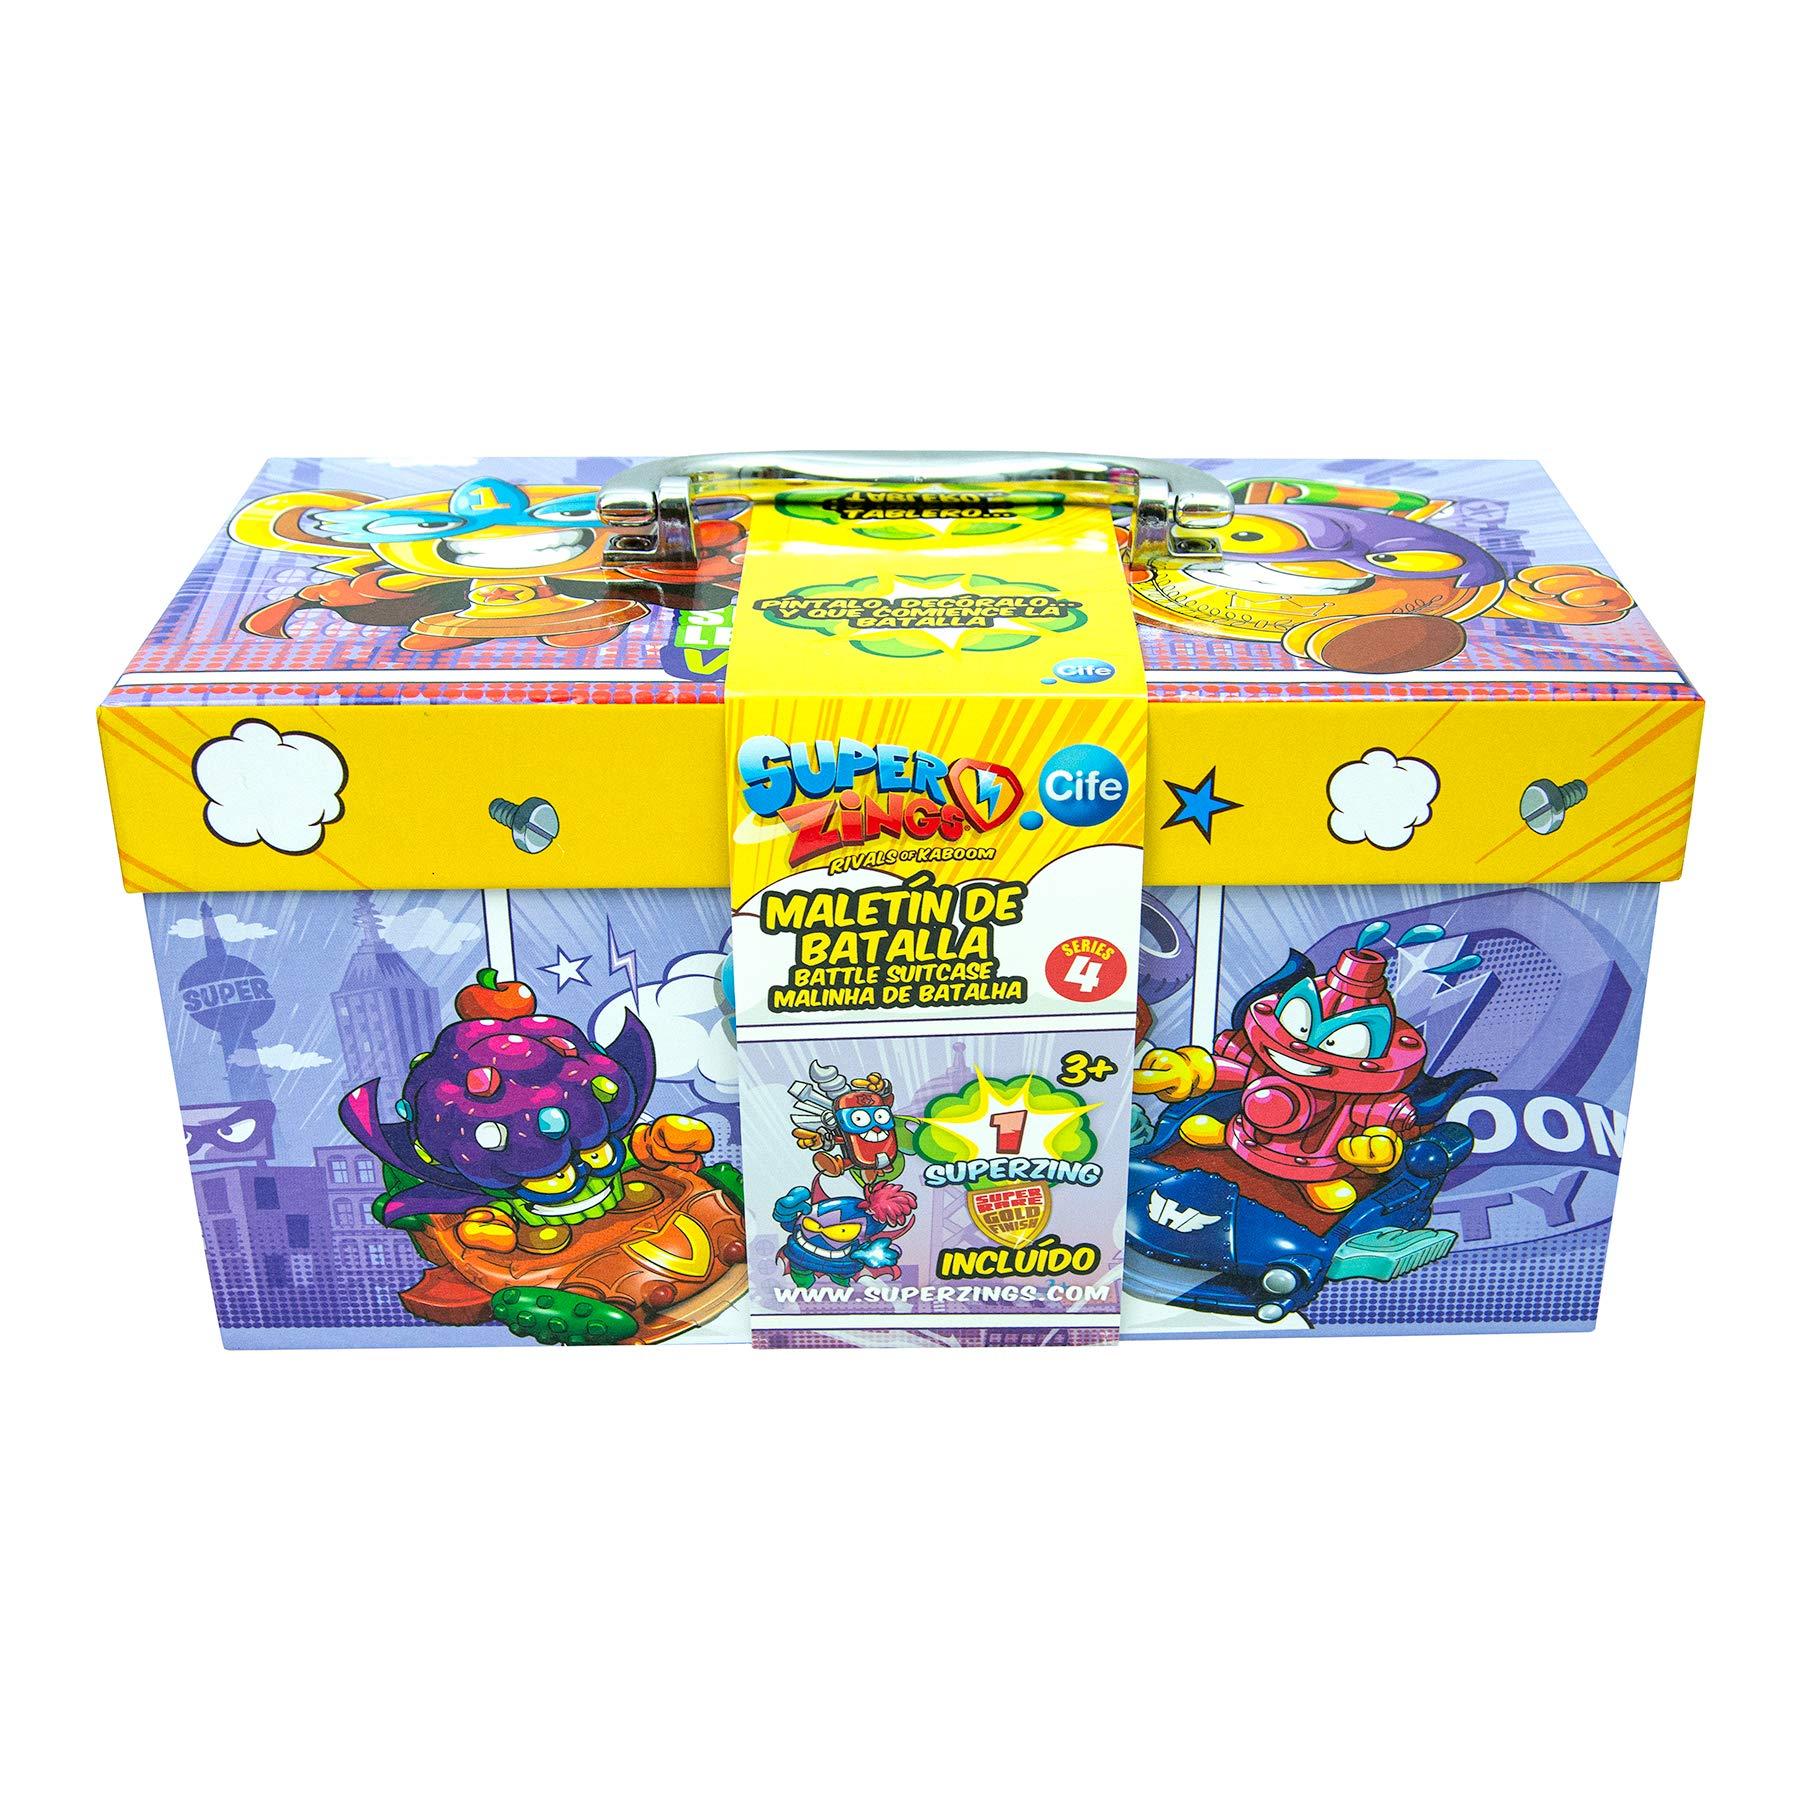 SuperZings Set de Manualidades, Multicolor, única (Cife Spain 41942): Amazon.es: Juguetes y juegos